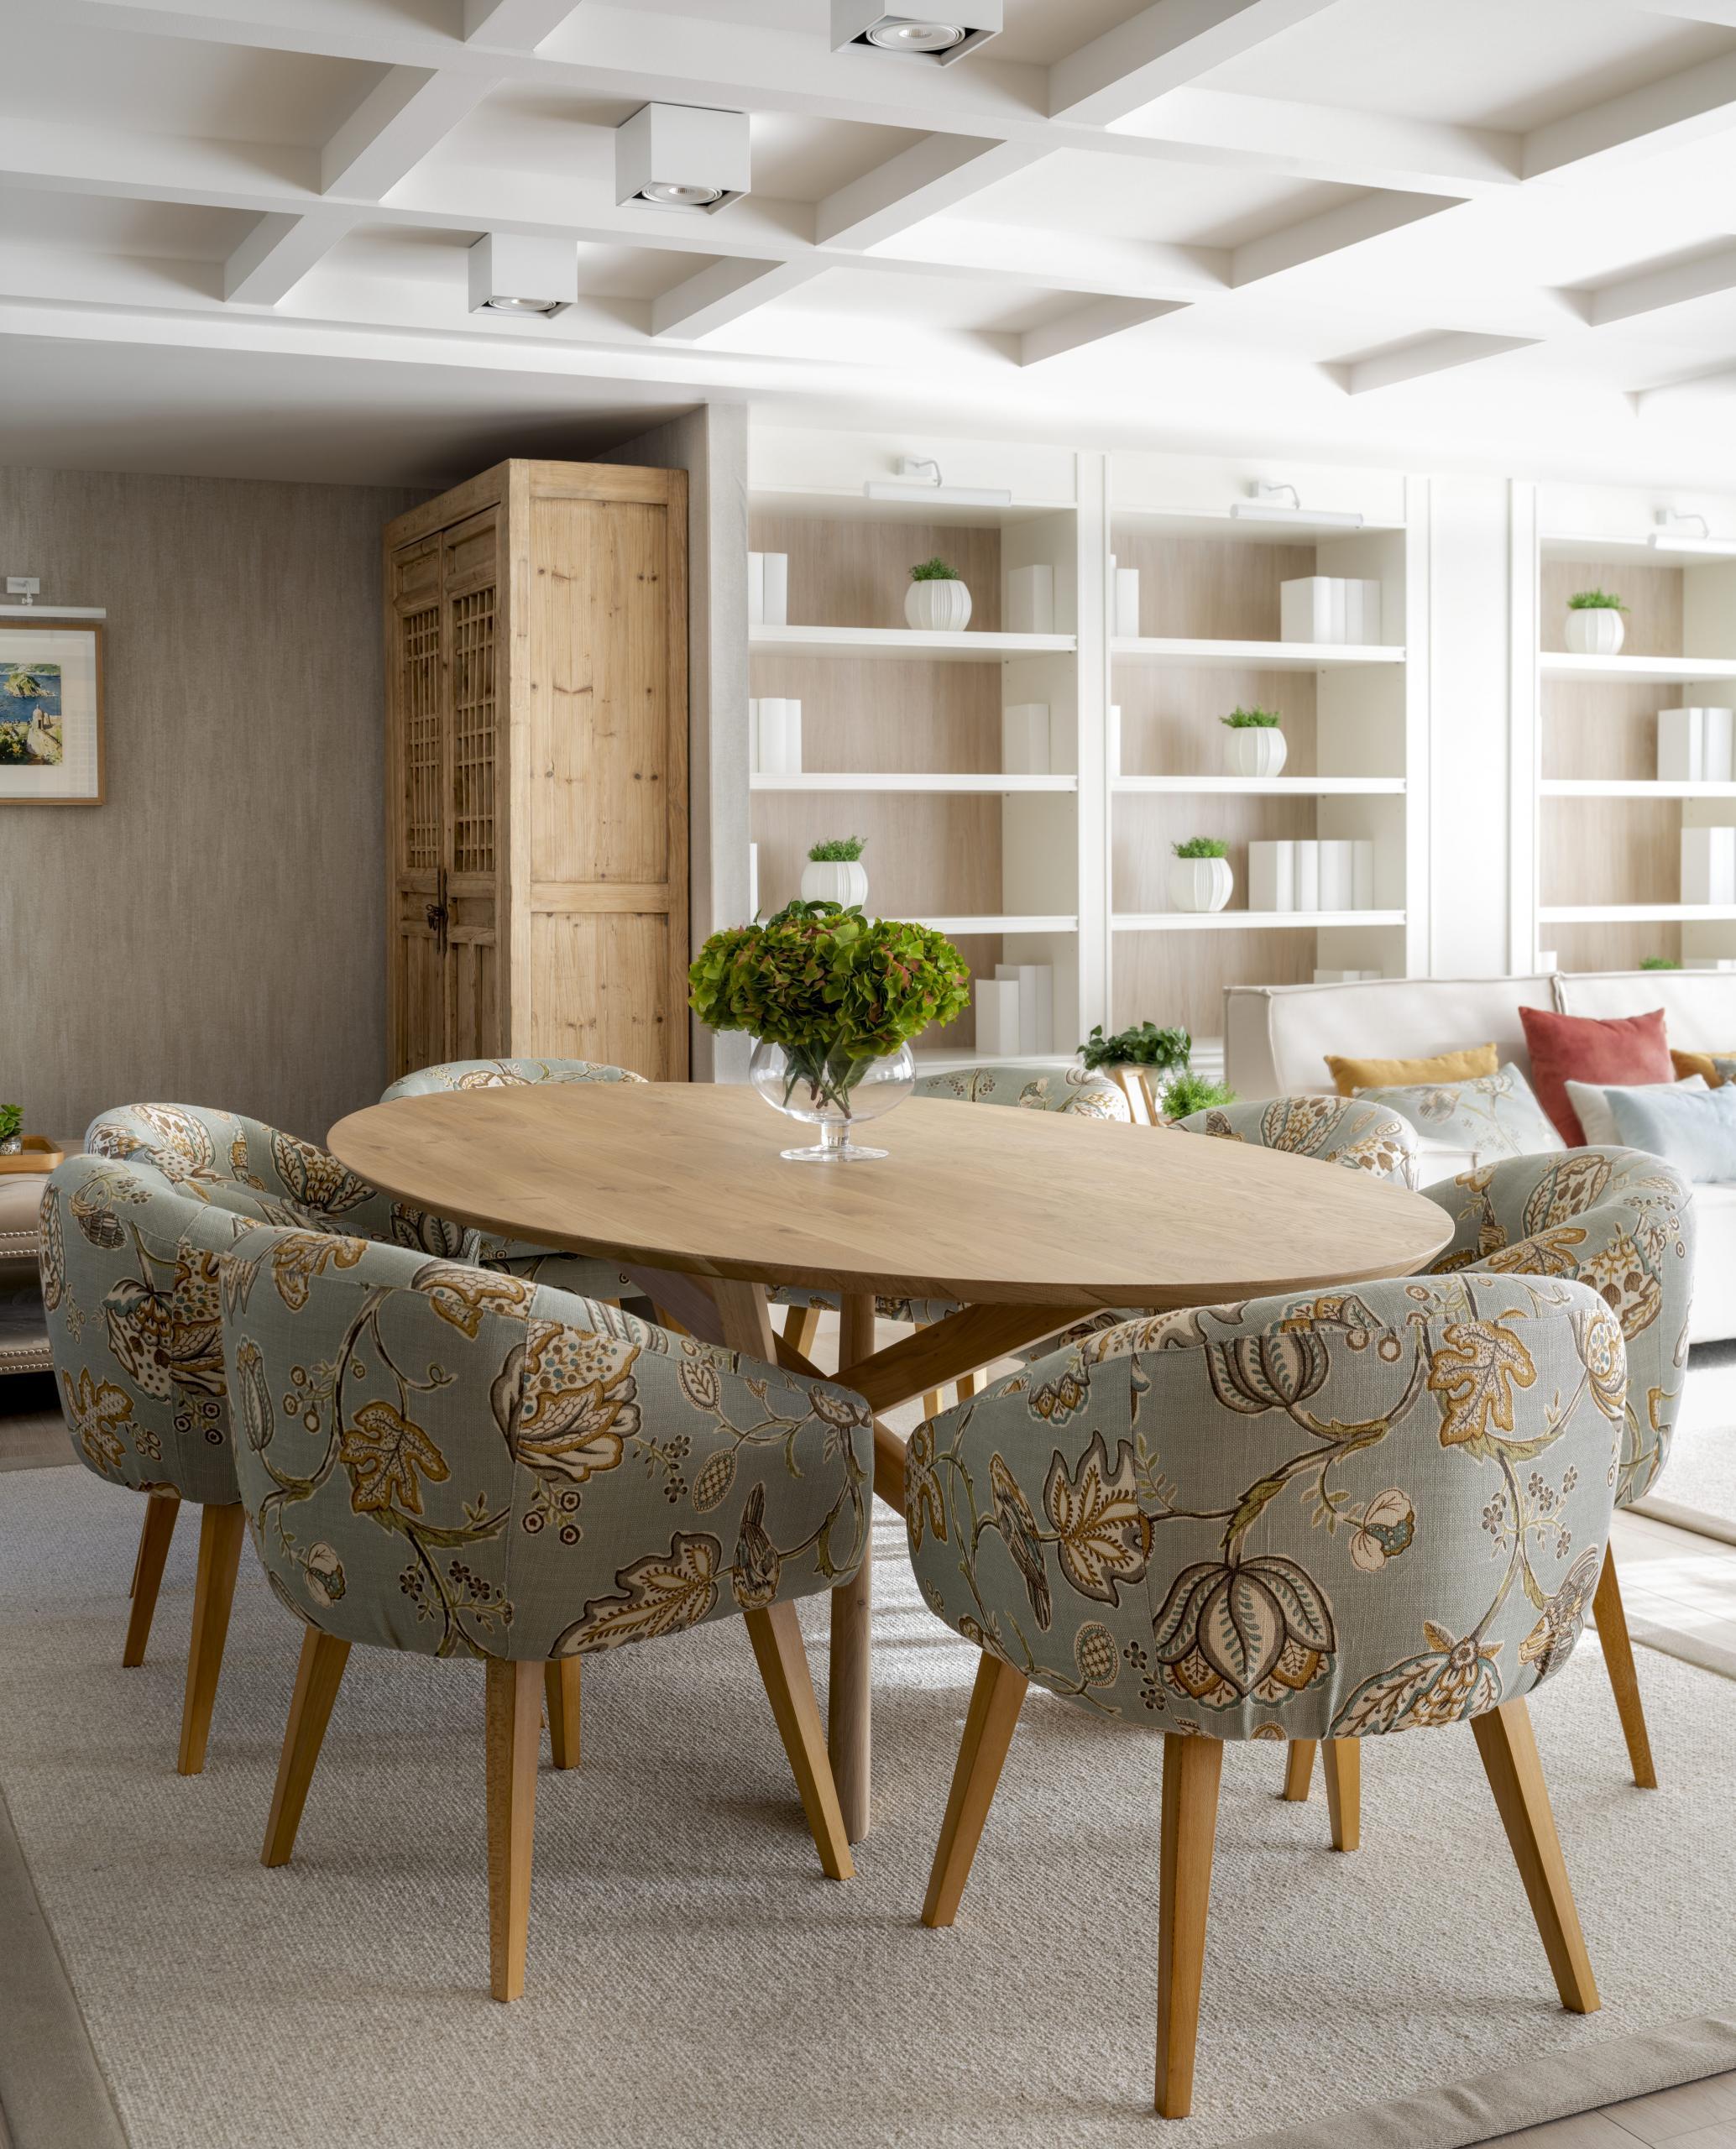 Diseño de comedor en salón, en reforma integral de vivienda Sube Interiorismo, Bilbao